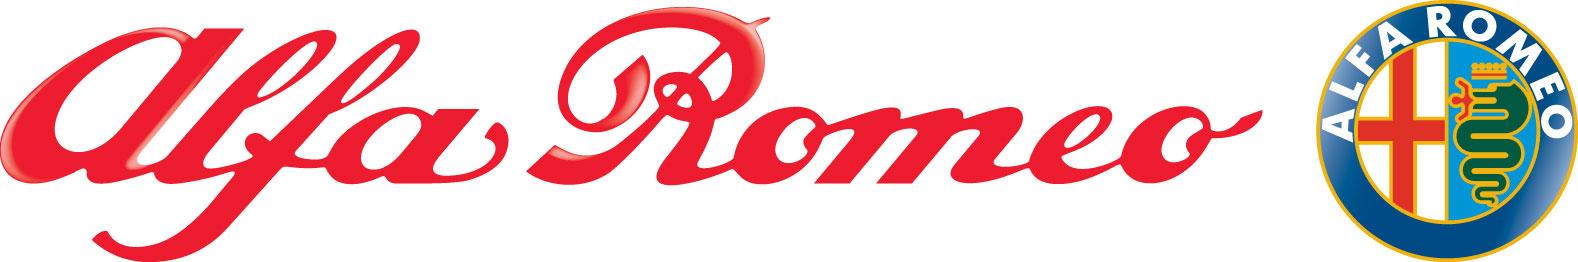 Alfa romeo logo company